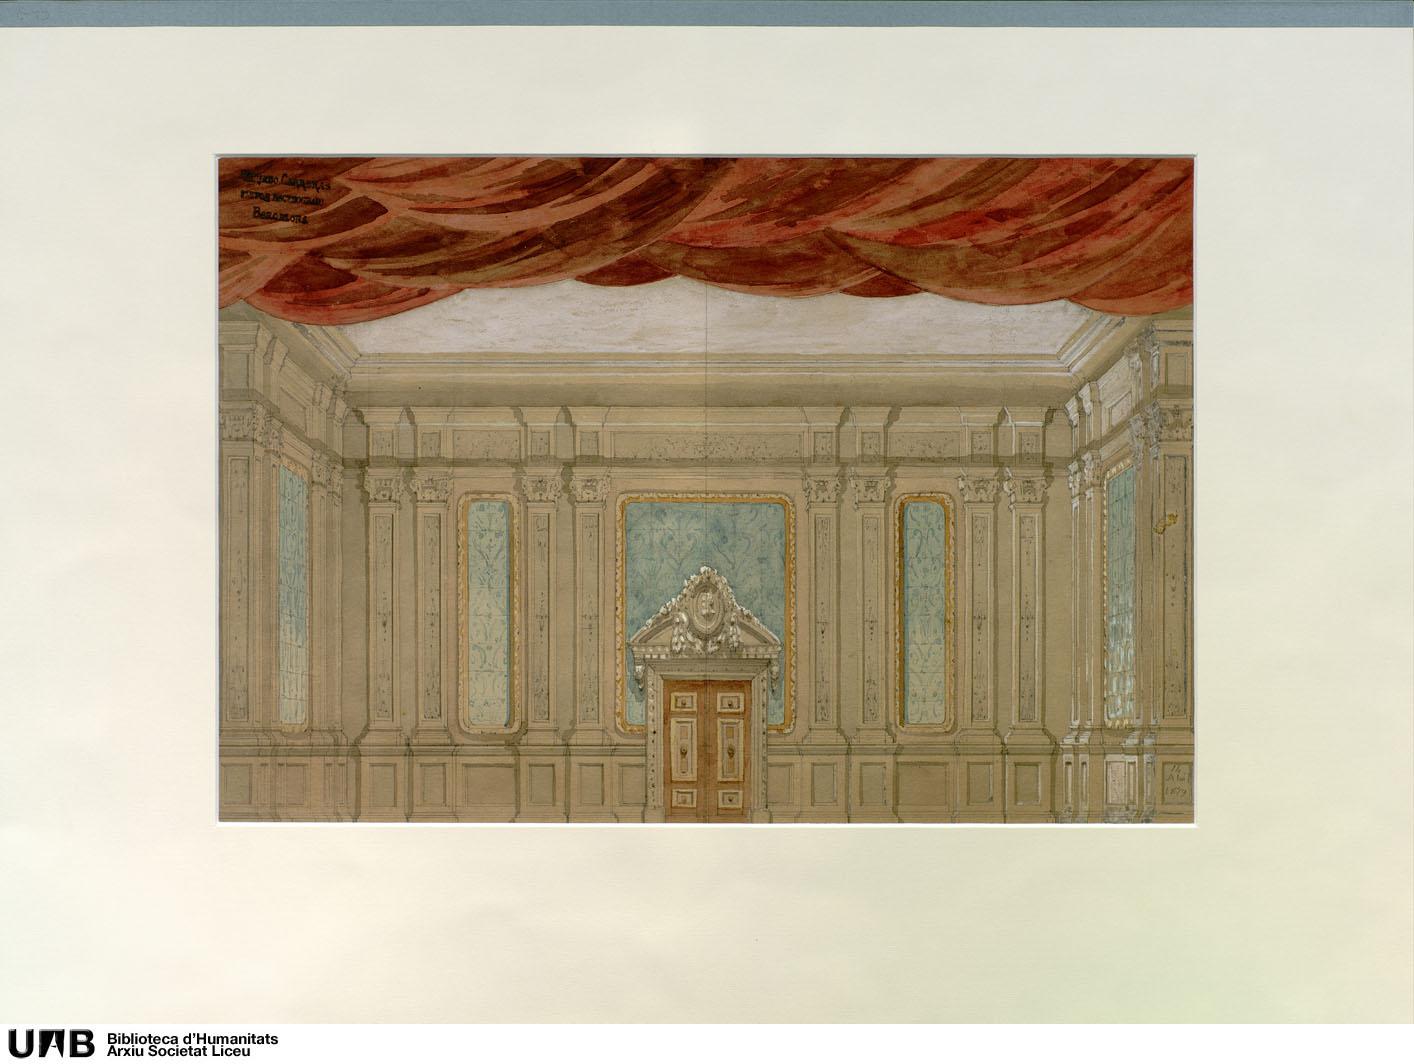 [Escenografies de repertori : interior de palau]